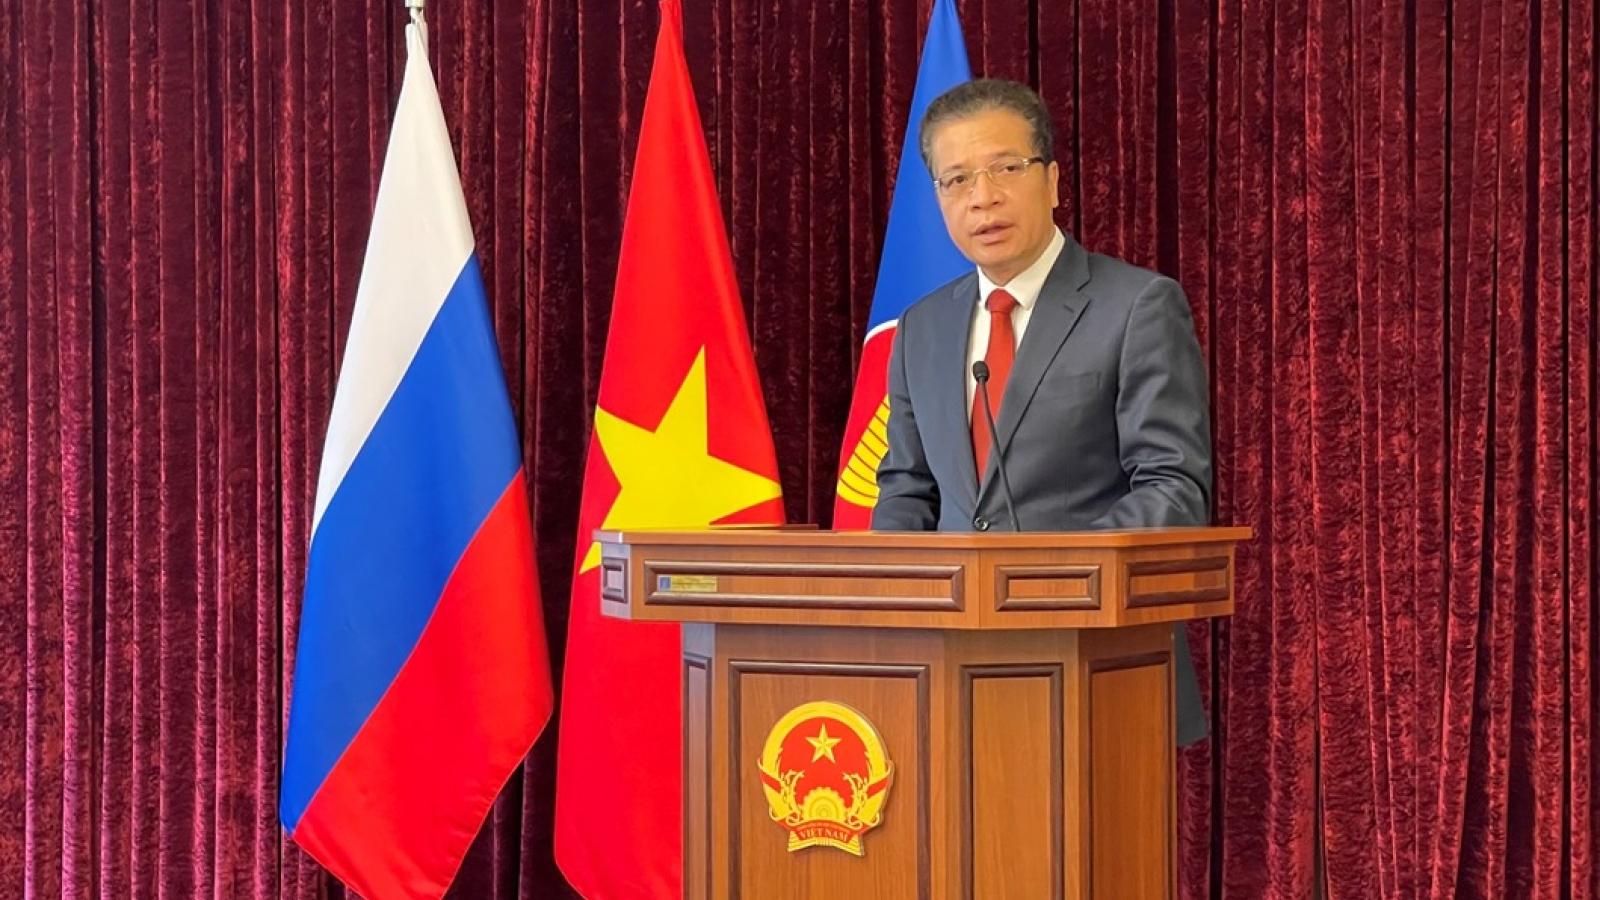 Đại sứ quán Việt Nam tại Nga long trọng kỷ niệm 76 năm Quốc khánh